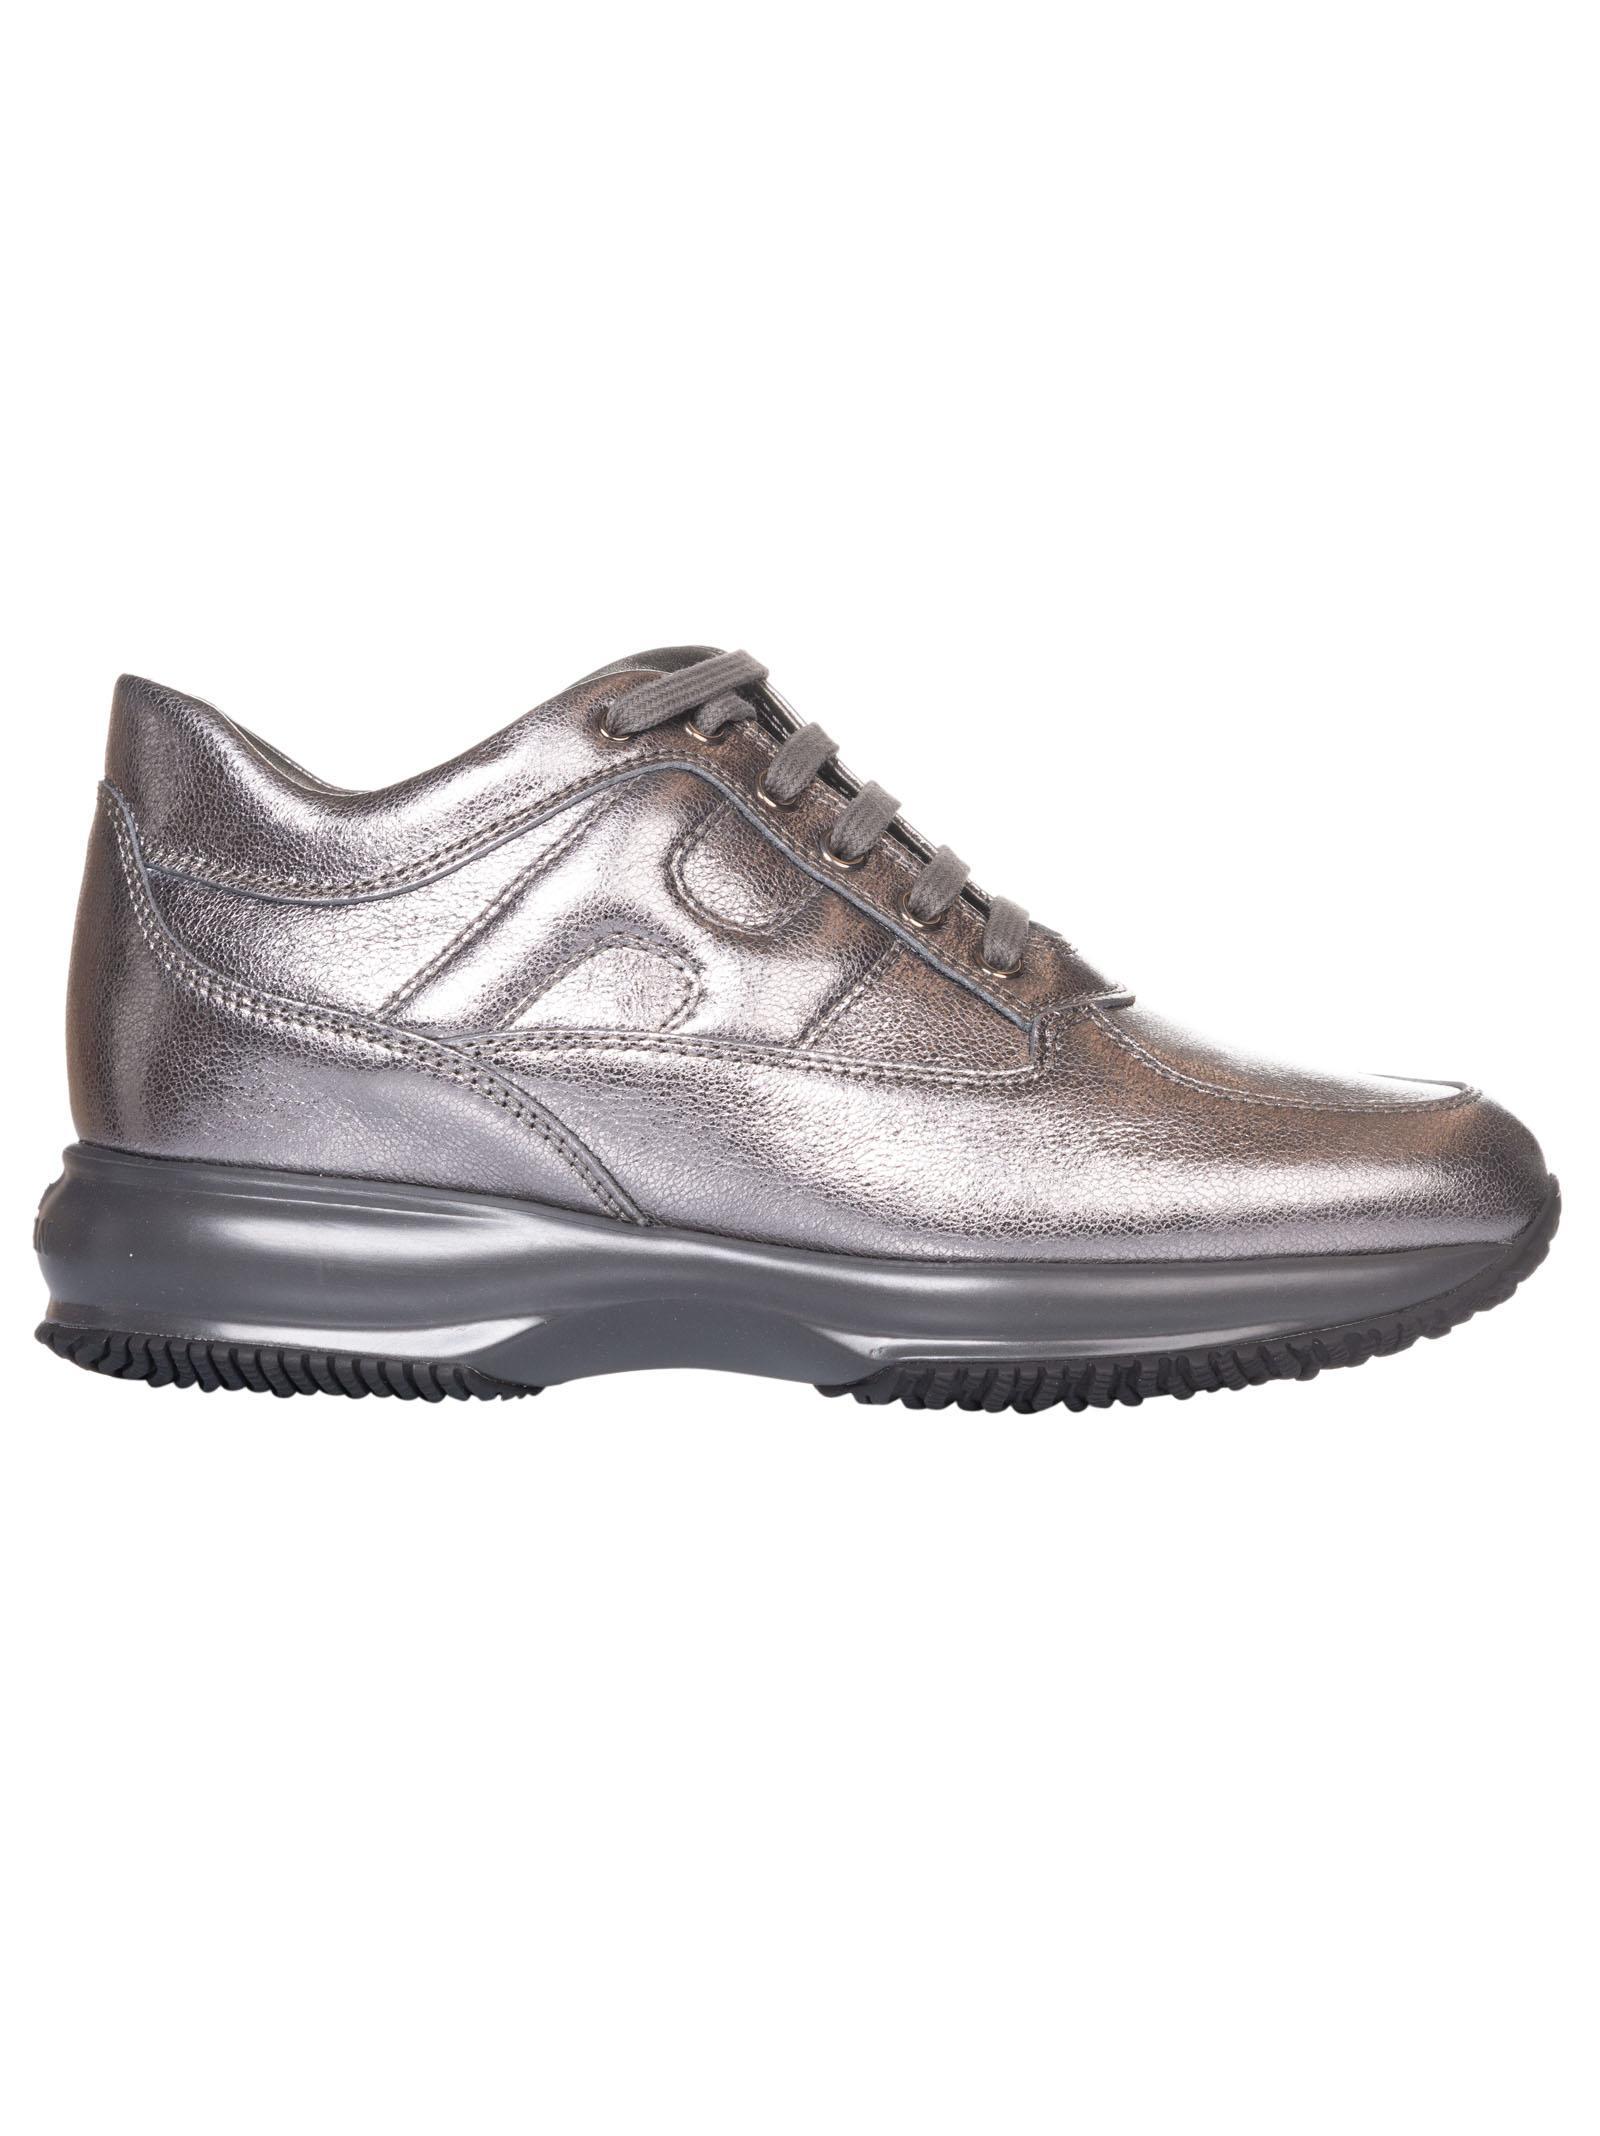 4d8d7f57cd3a Lyst - Hogan Shoes in Gray